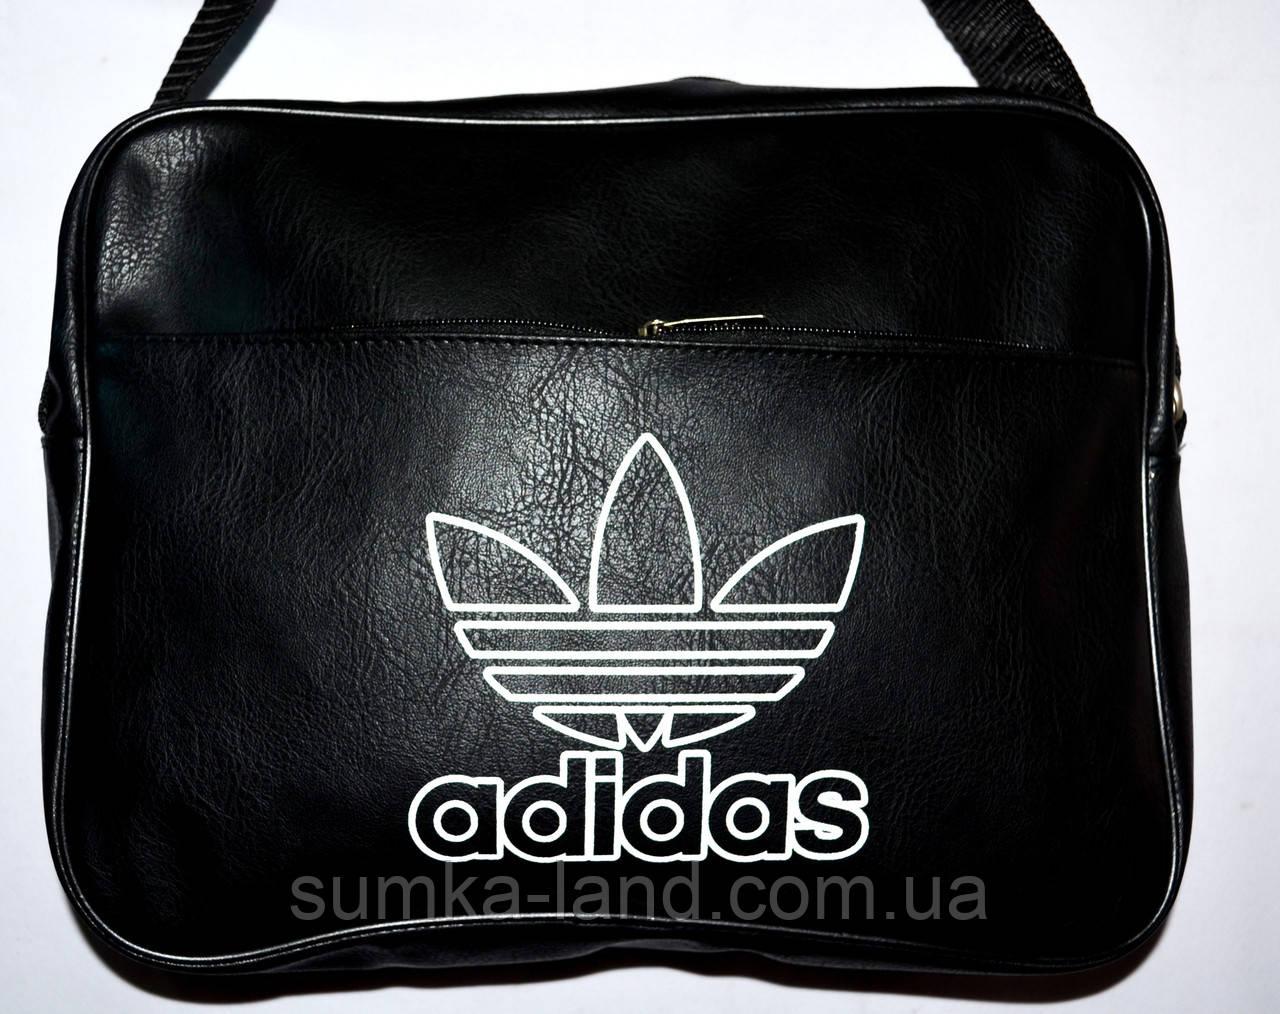 e76b2af147fc Планшет Adidas из искусственной кожи черный: продажа, цена в ...